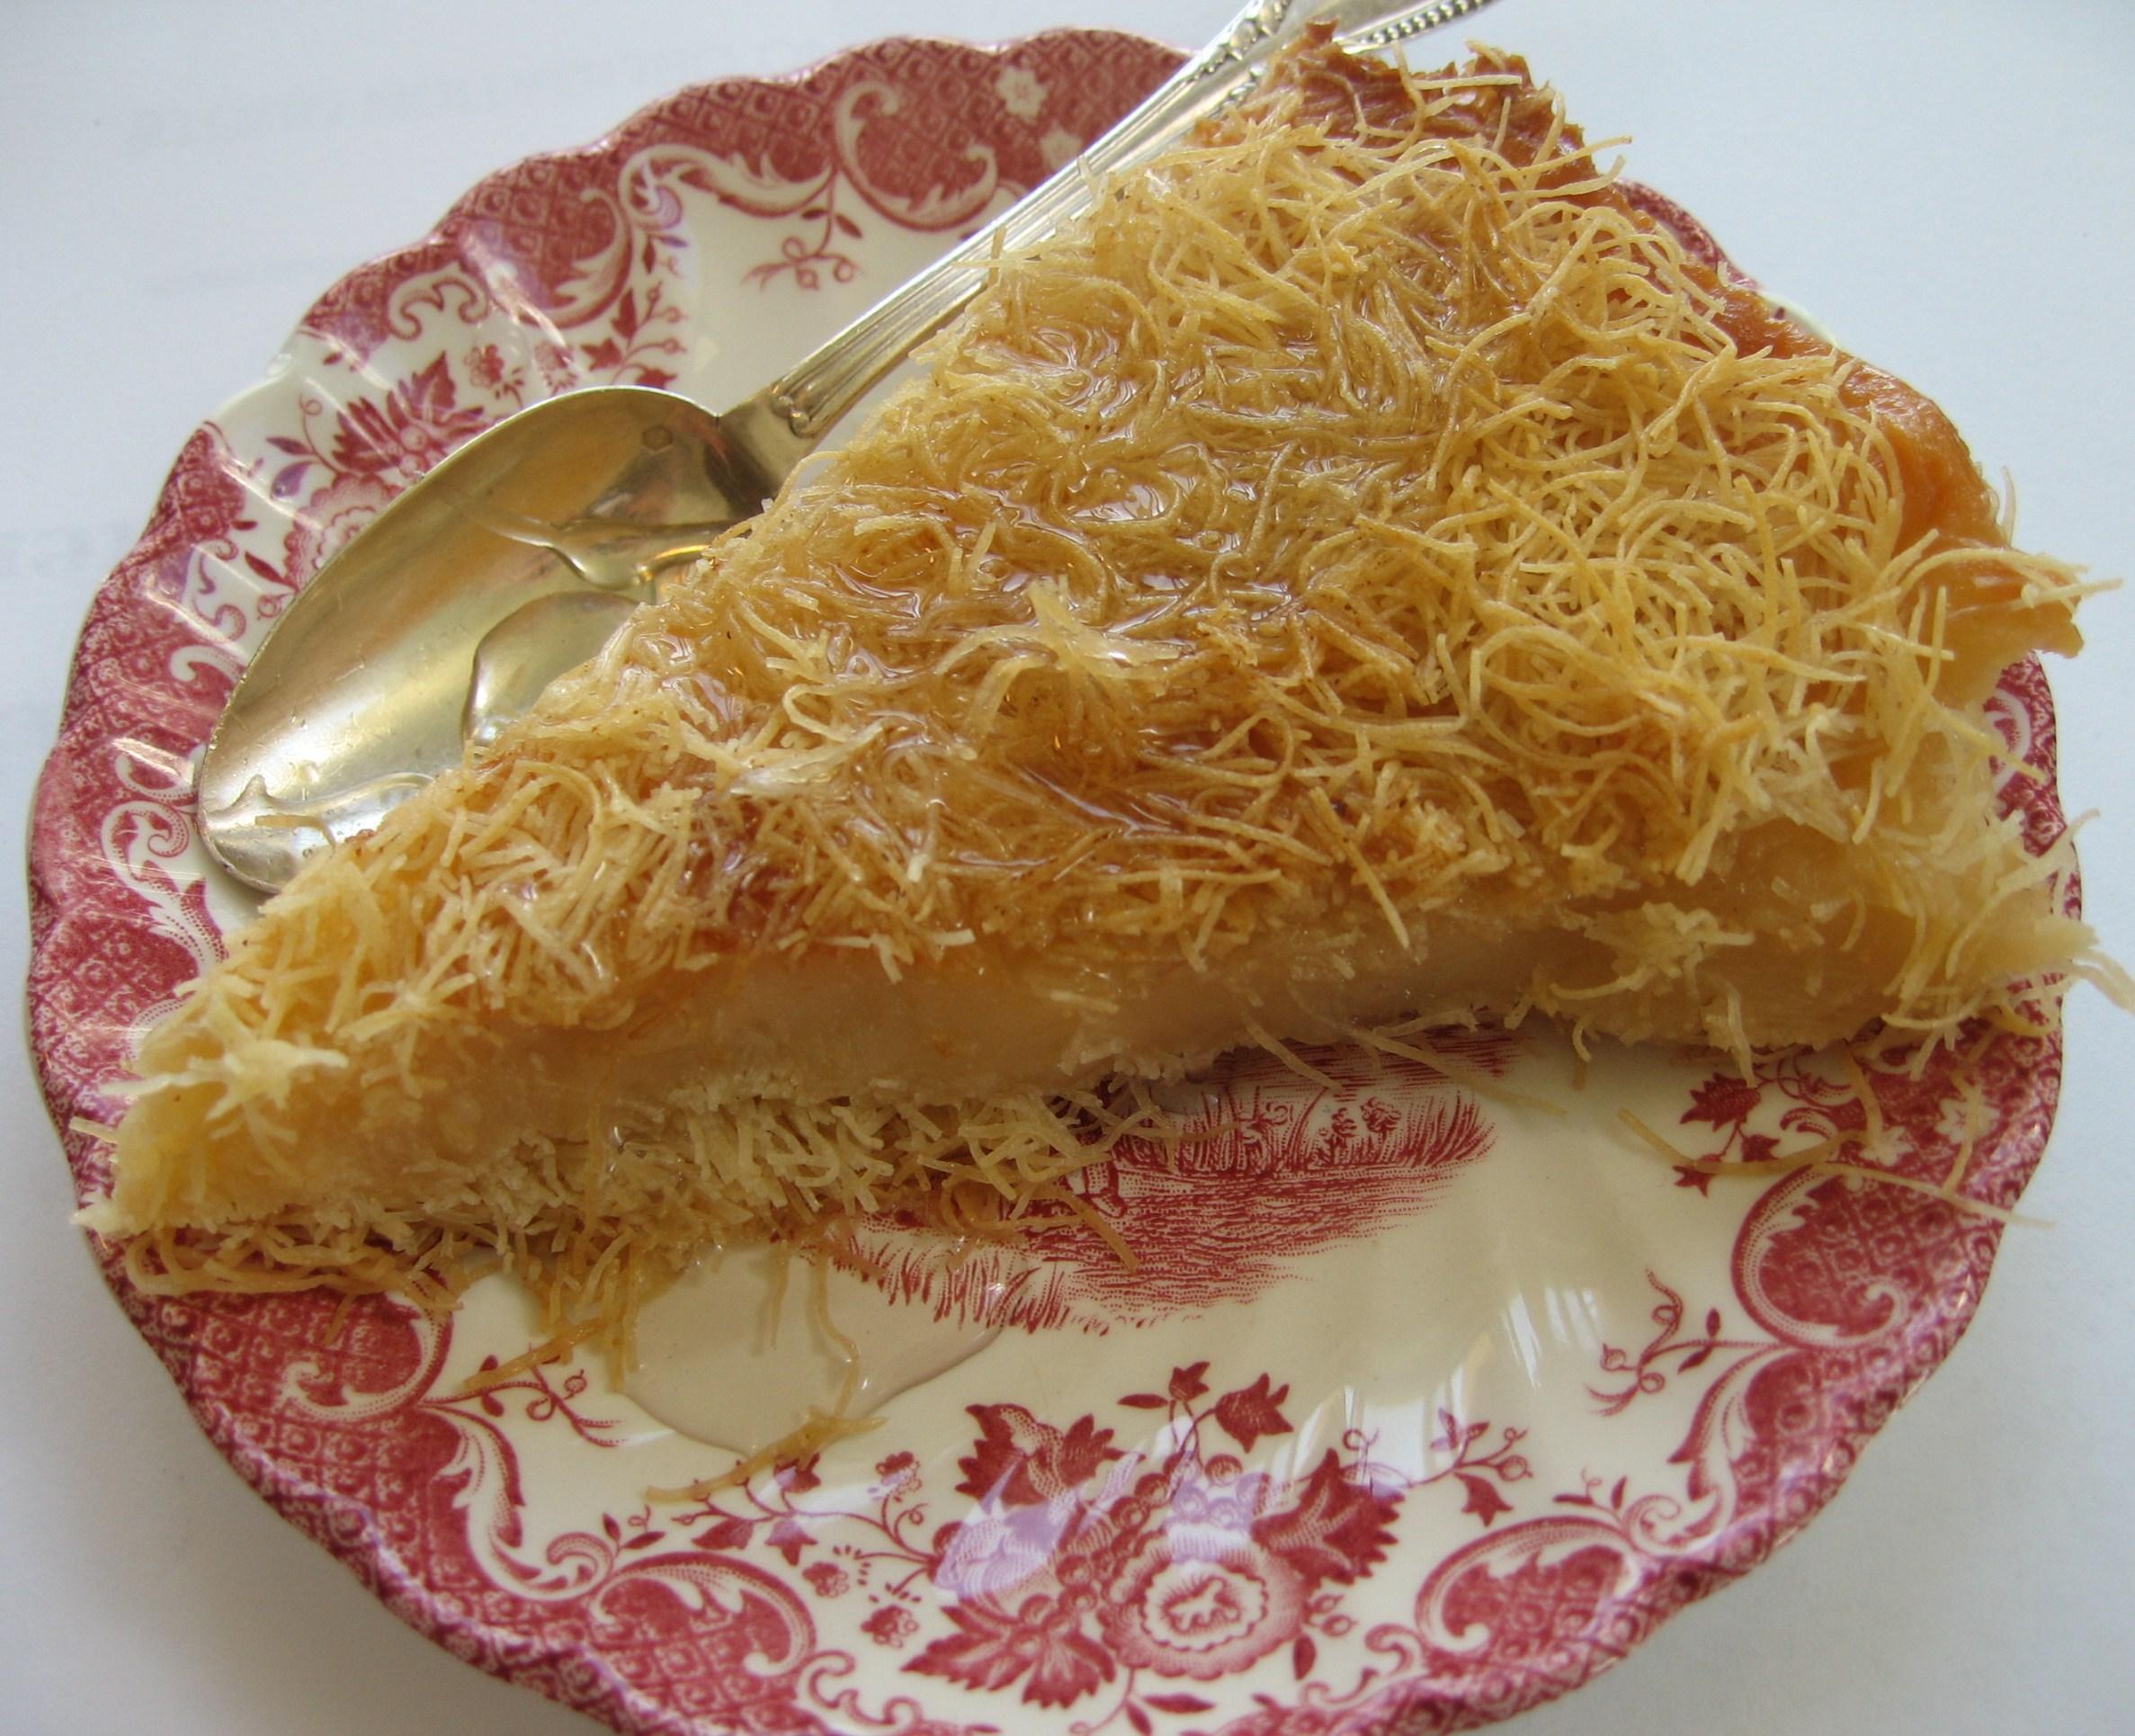 2 Recipes to Make Cheese Kunafe at Home